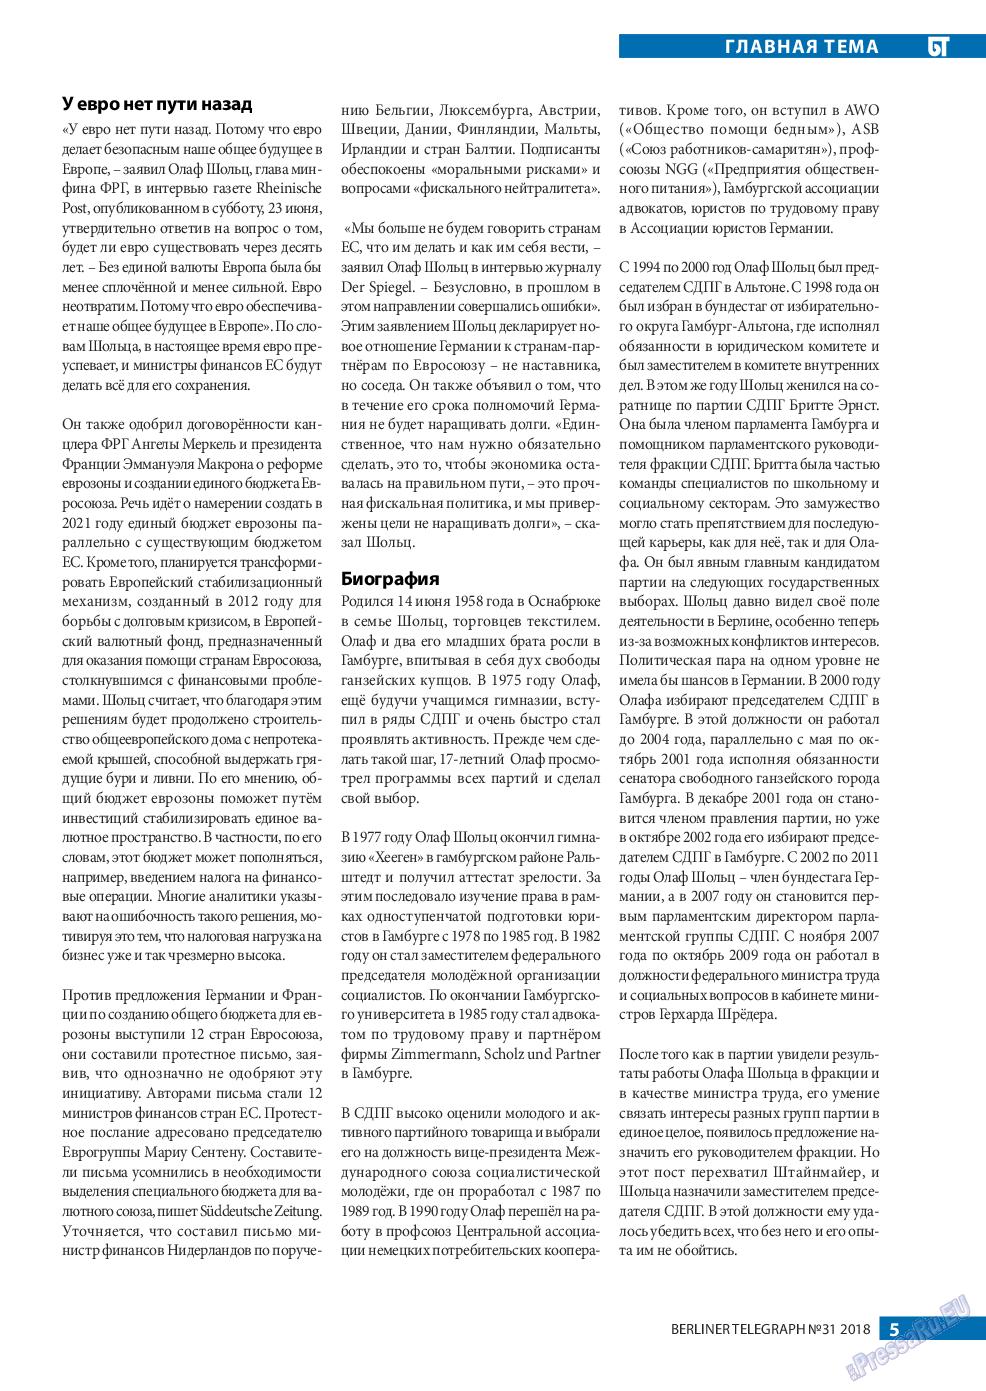 Берлинский телеграф (журнал). 2018 год, номер 31, стр. 5